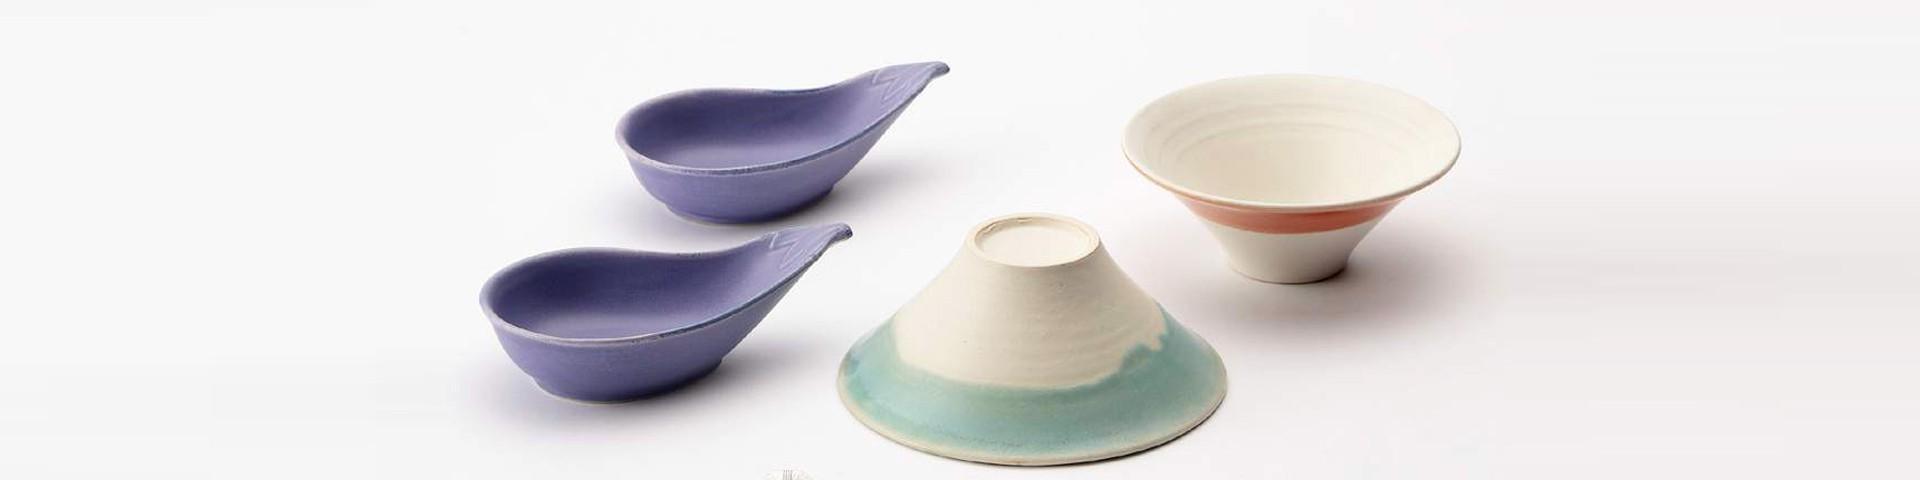 日本の食器 | 豆皿 & 小皿